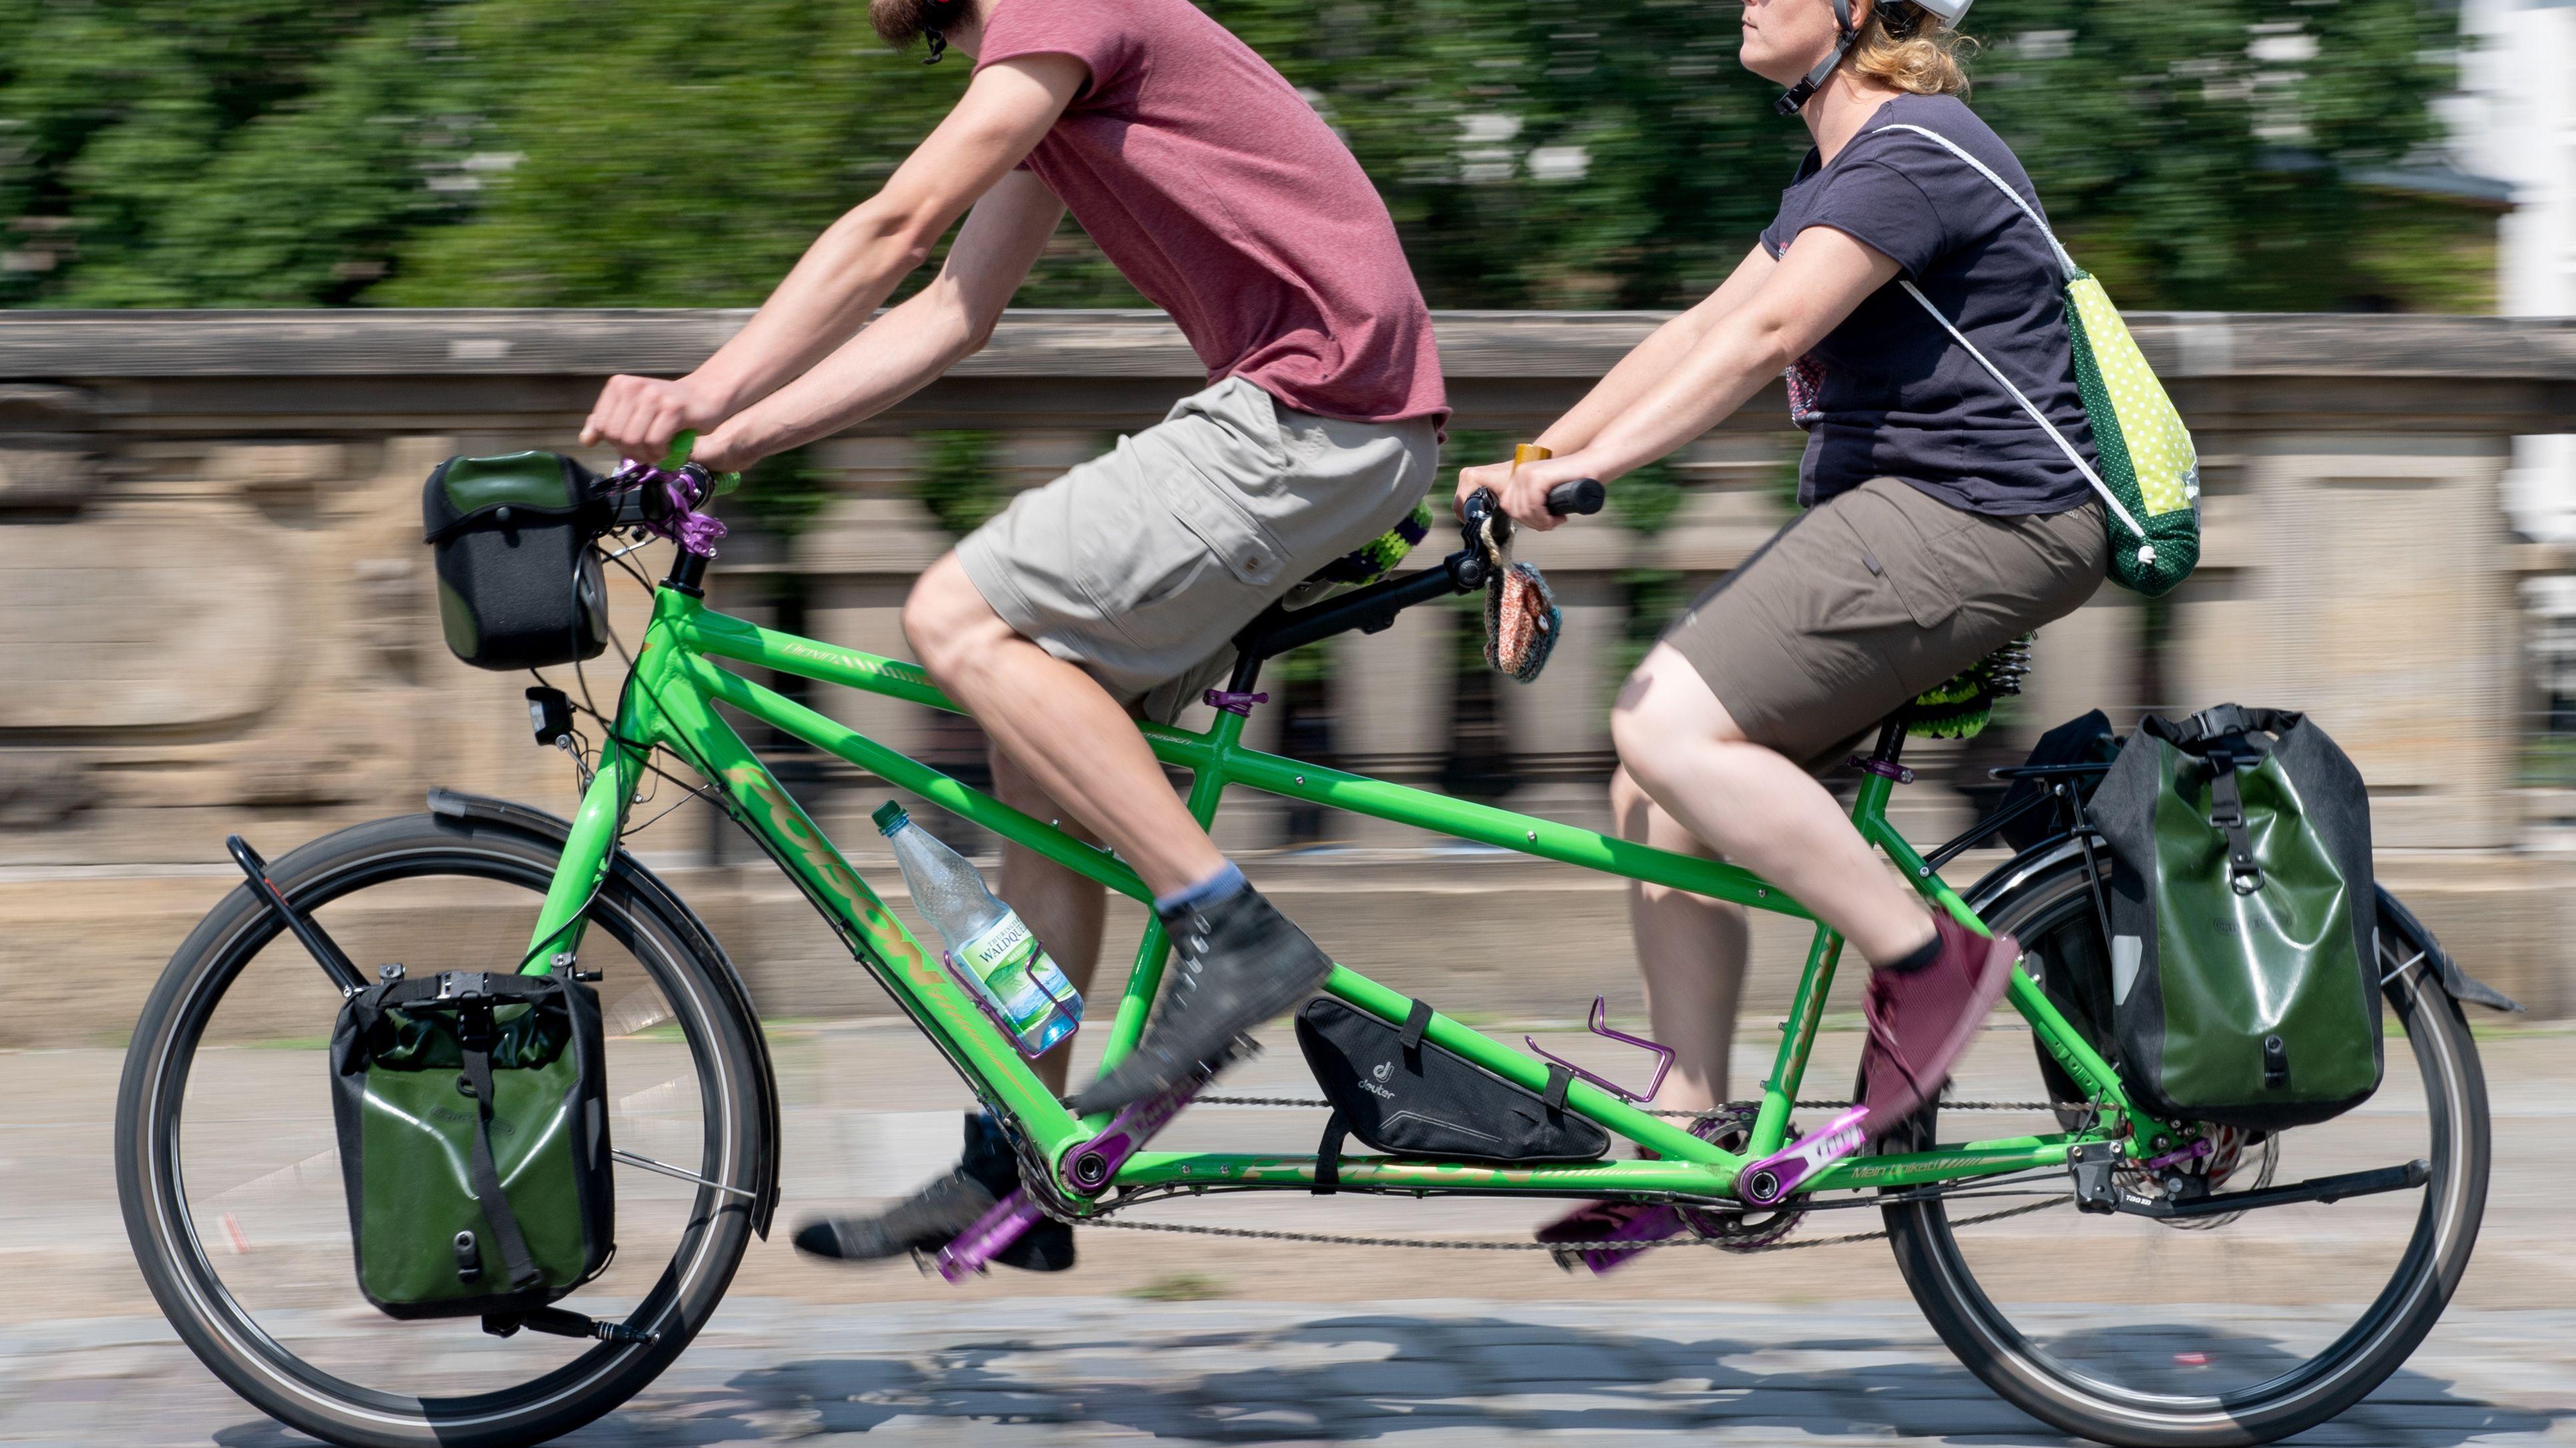 Tandem-Fahrrad-Fahrer